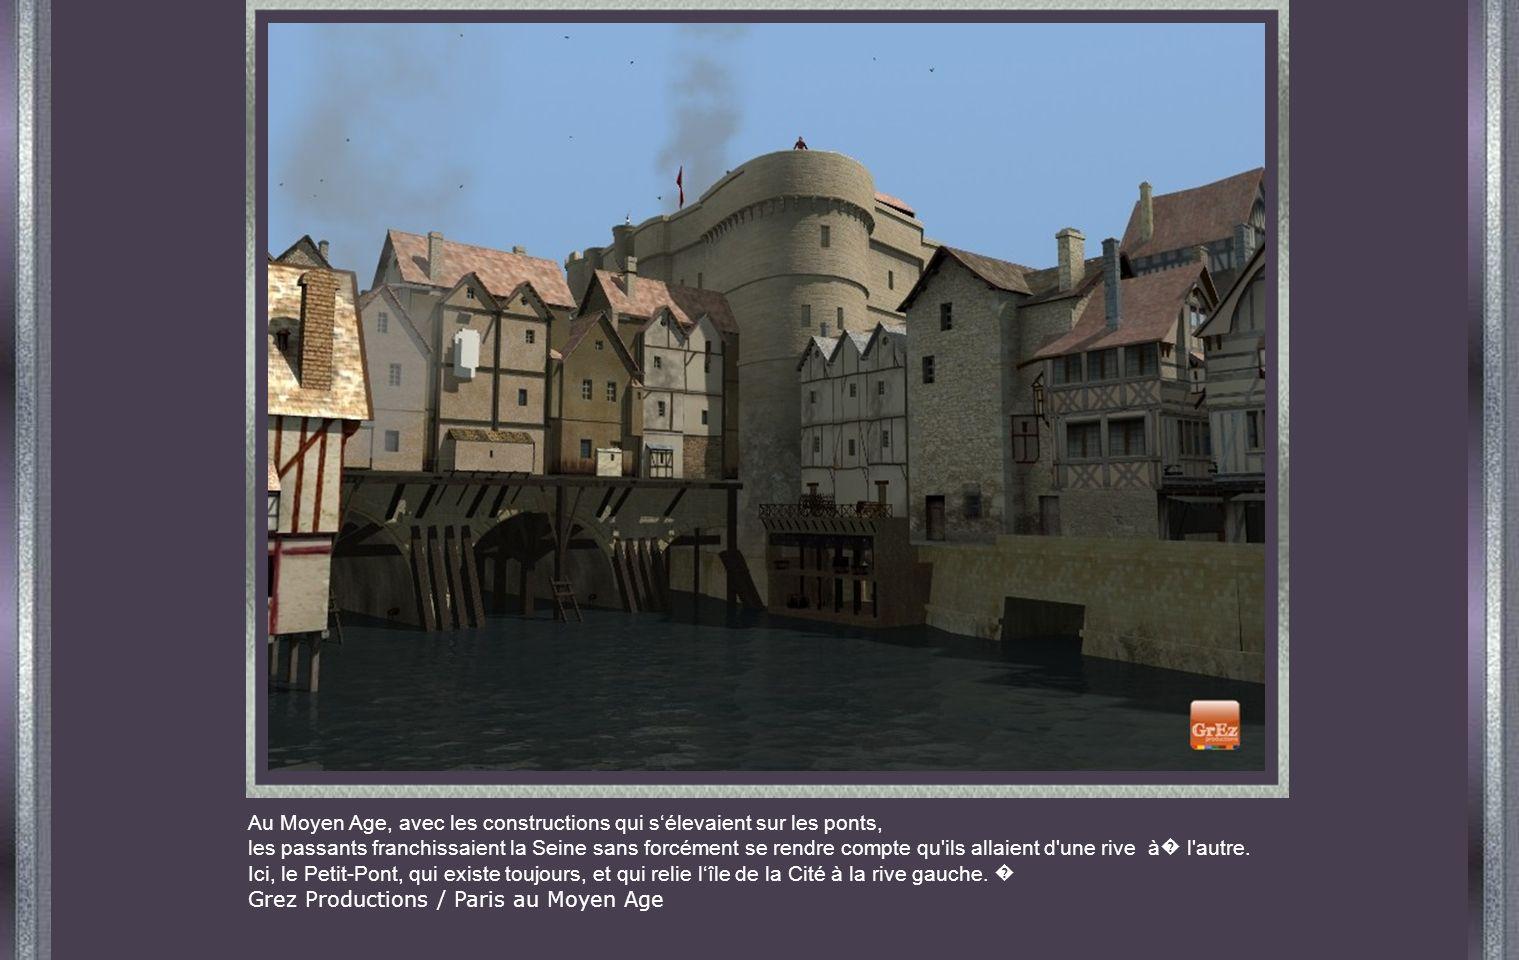 Au Moyen Age, avec les constructions qui s'élevaient sur les ponts,